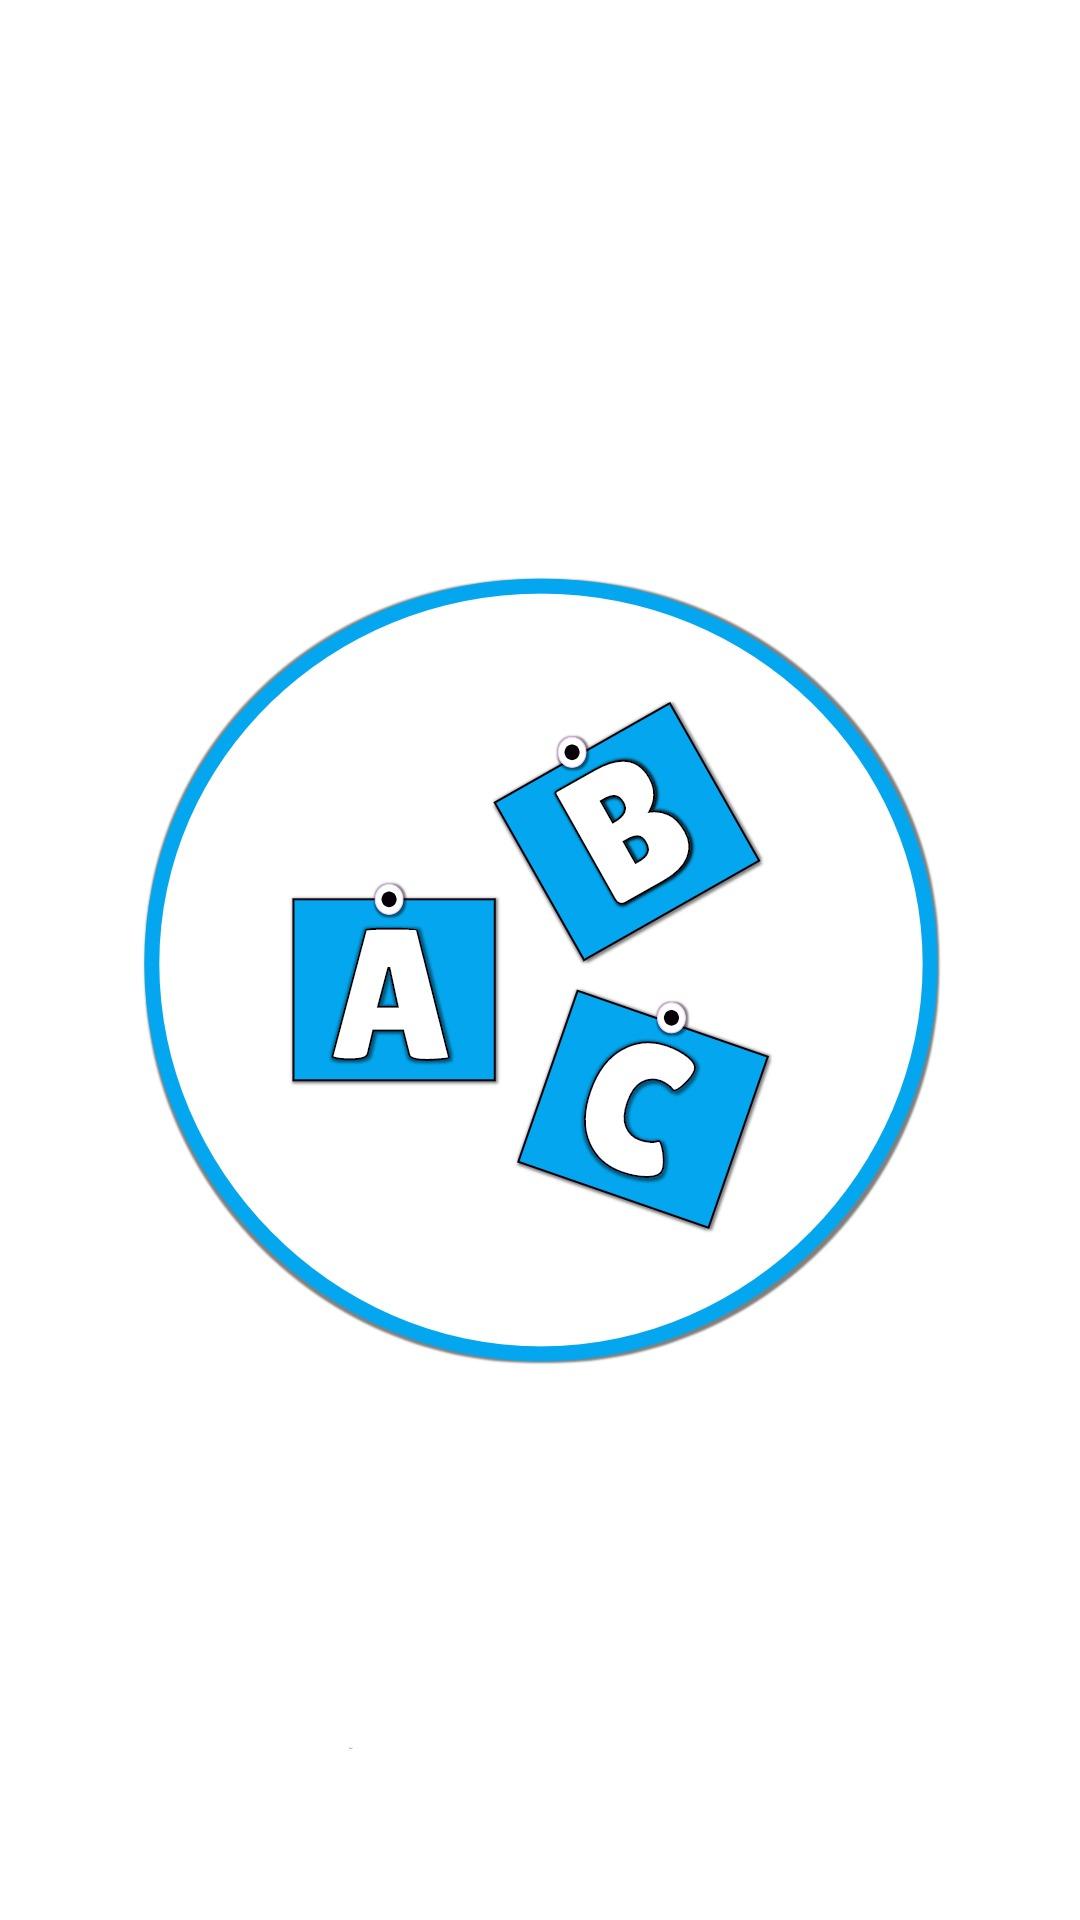 Instagram-cover-baby-abc-lotnotes.com.jpg